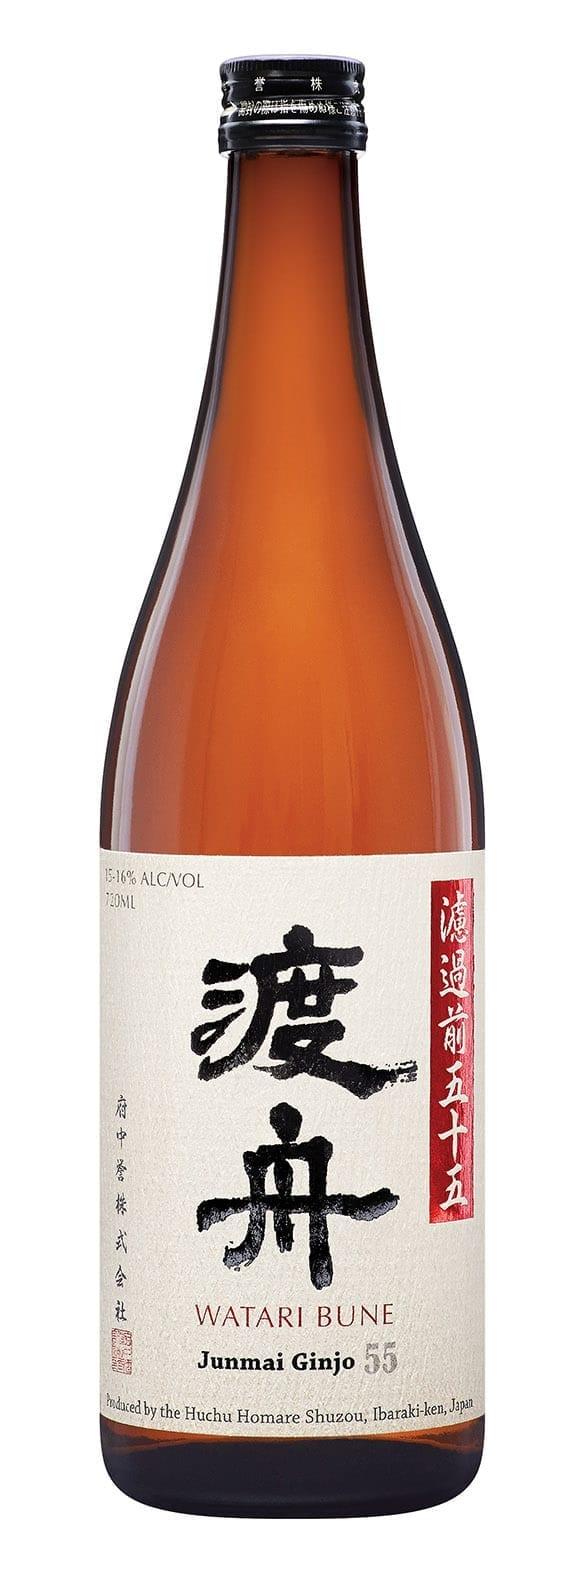 Watari Bune sake bottle